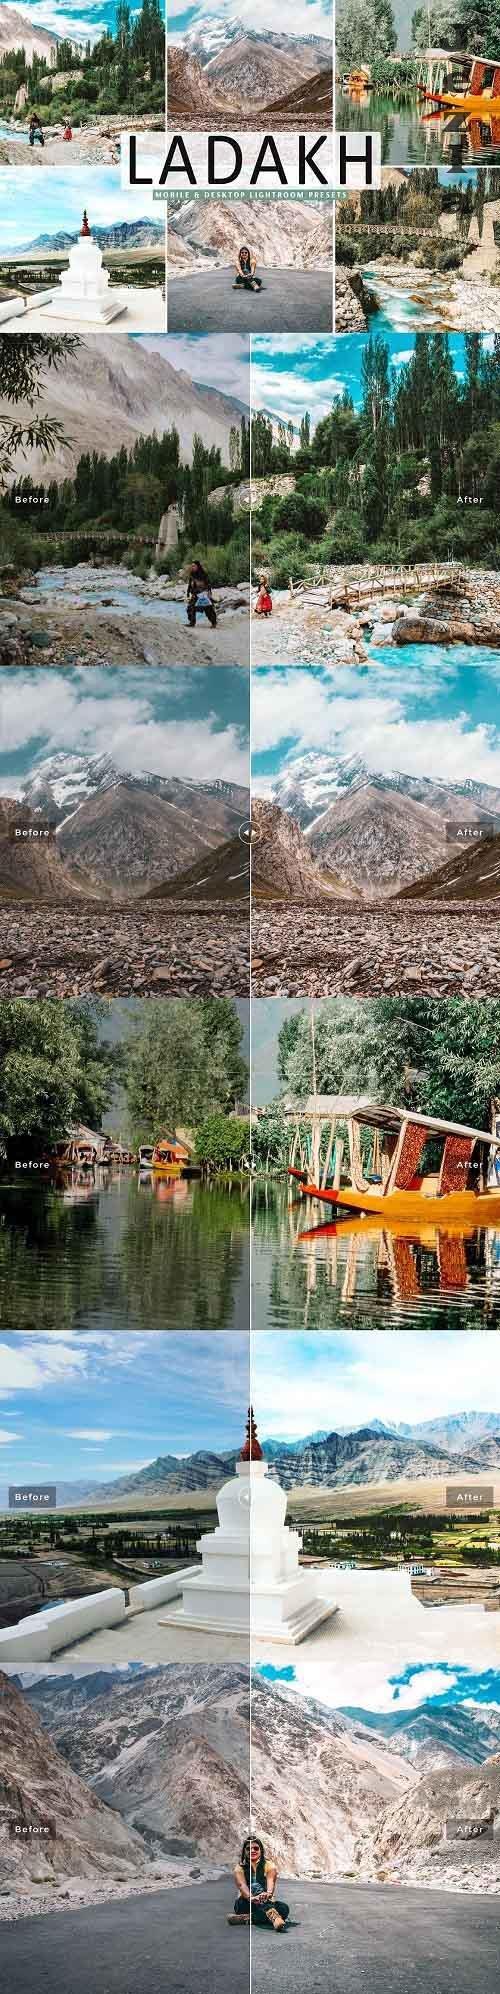 Ladakh Pro Lightroom Presets - 5333639 - Mobile & Desktop